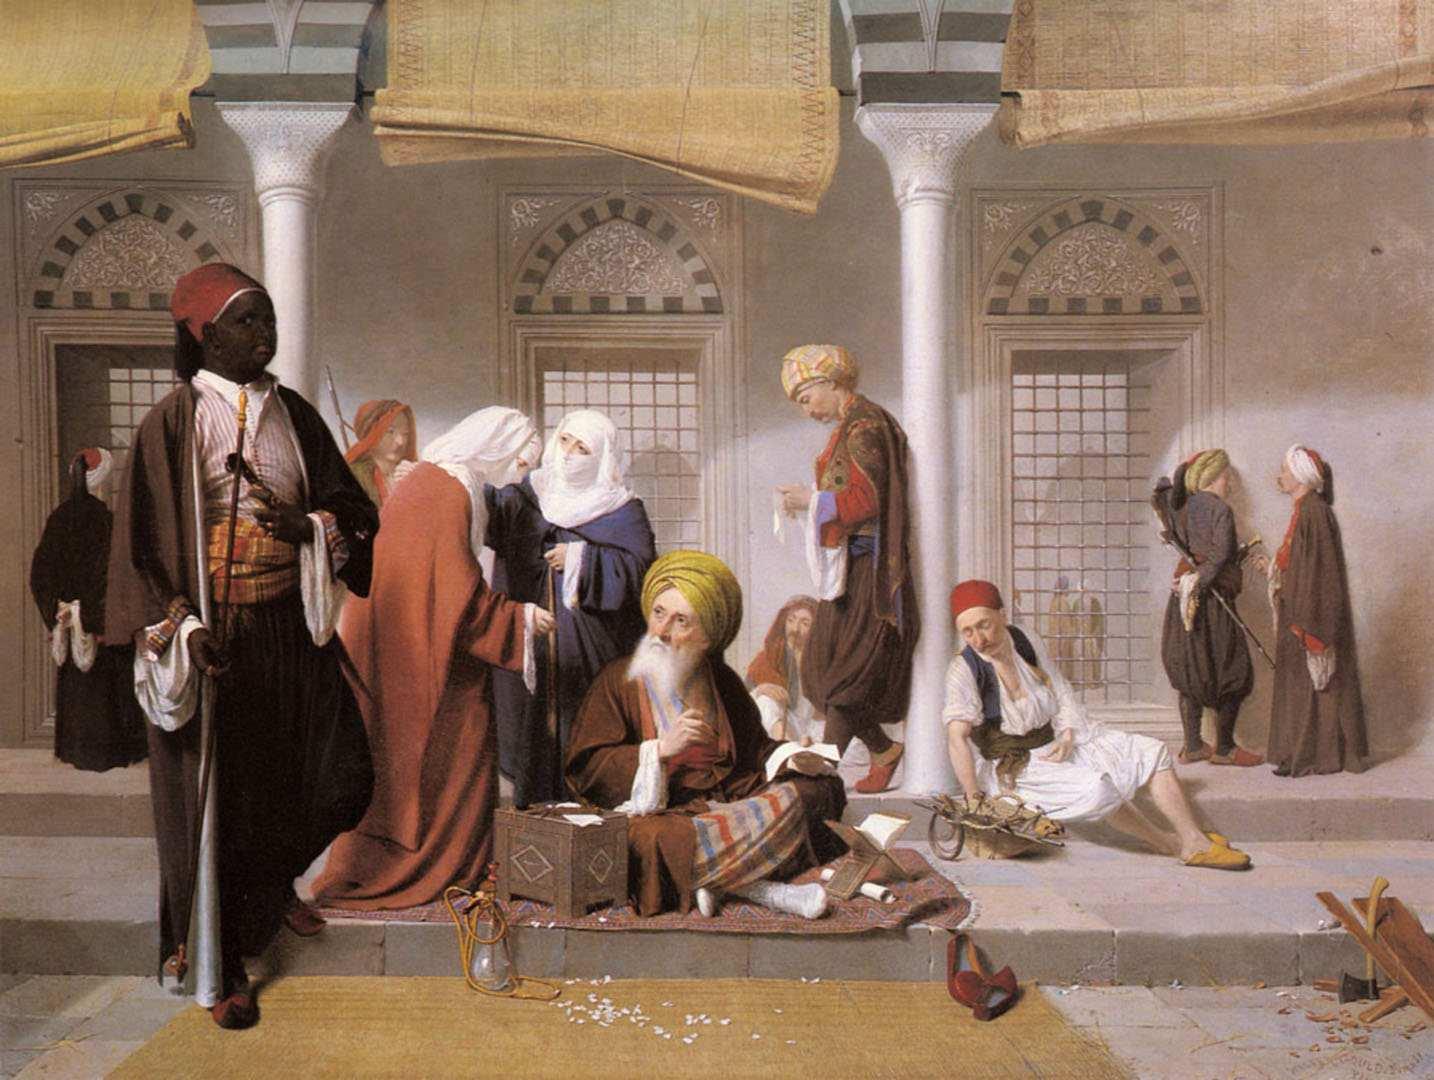 أثار ونتائج الحكم العثماني لمصر المرسال